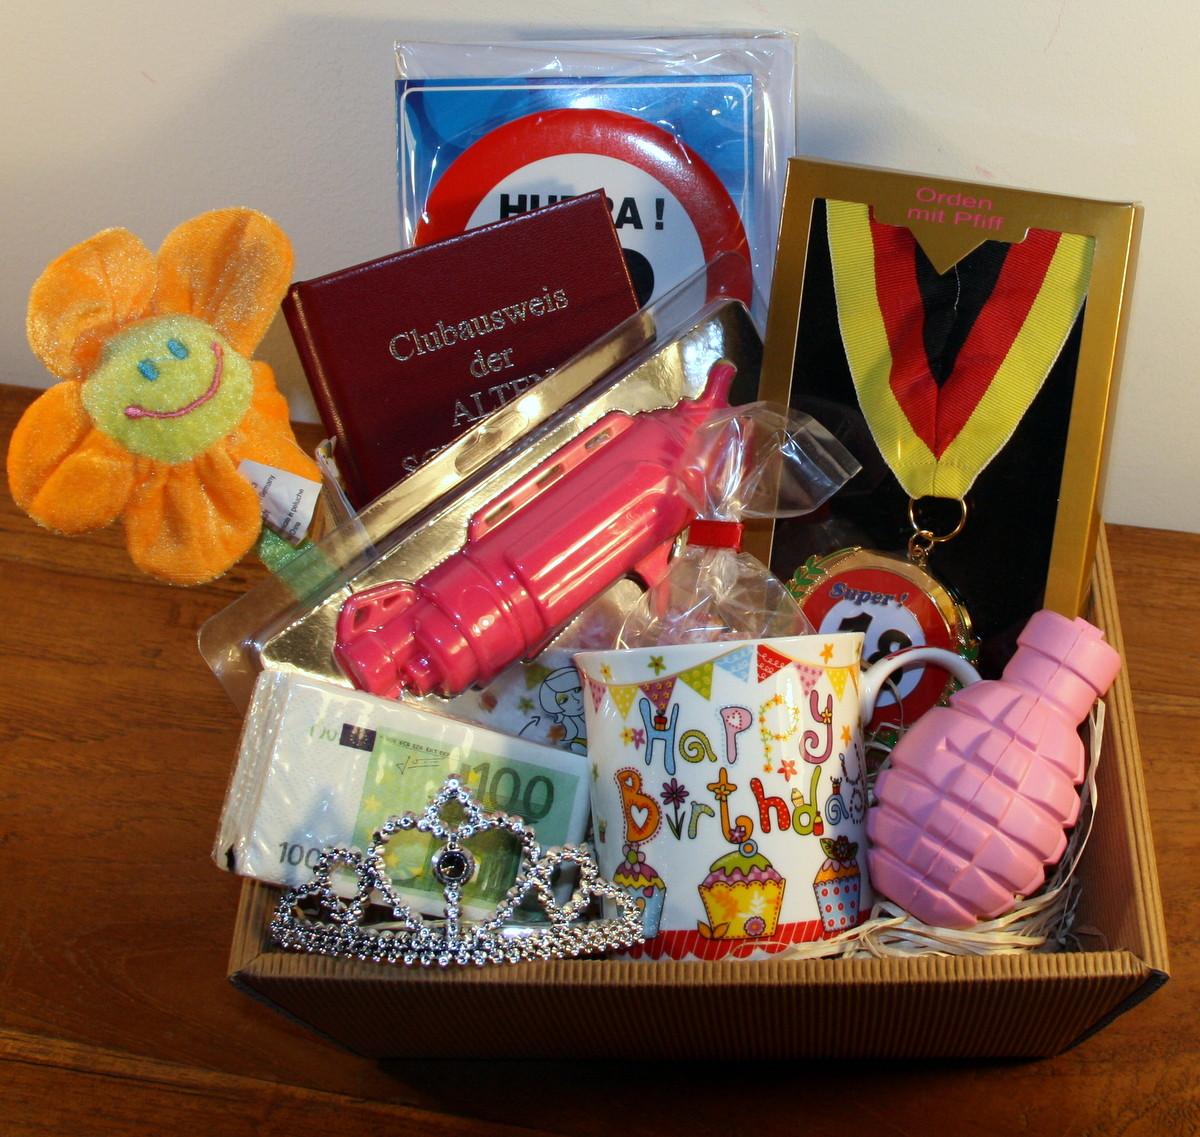 Geschenk Für Freund Zum 18  Geschenk ideen 18 geburtstag – Beliebte Geschenke für Ihre